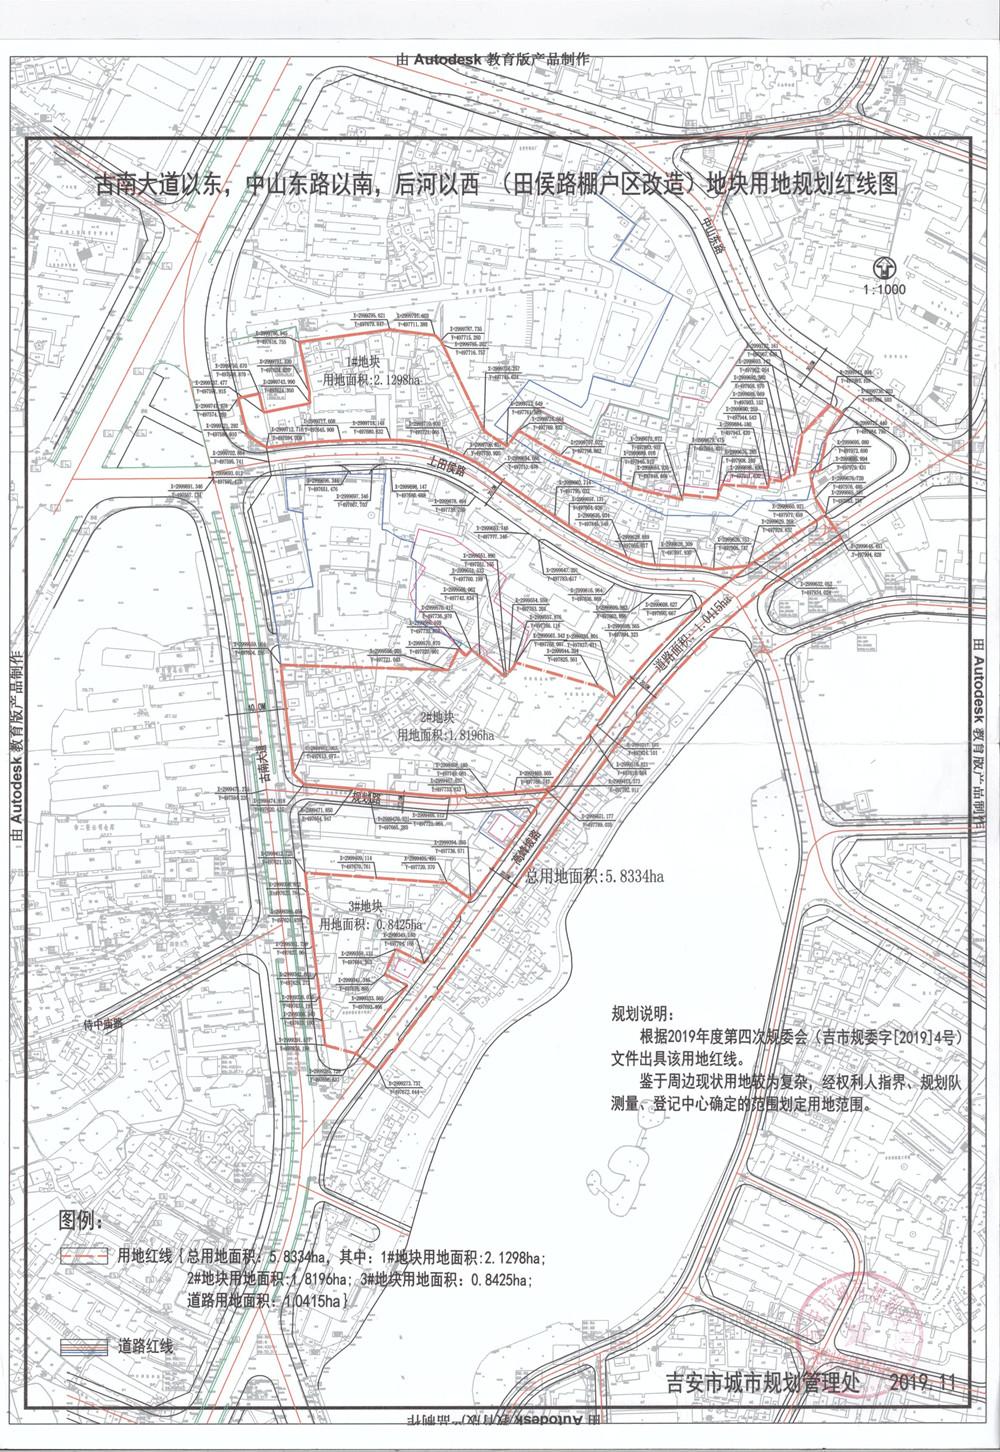 吉安房产网-田侯路棚户区改造地块红线图